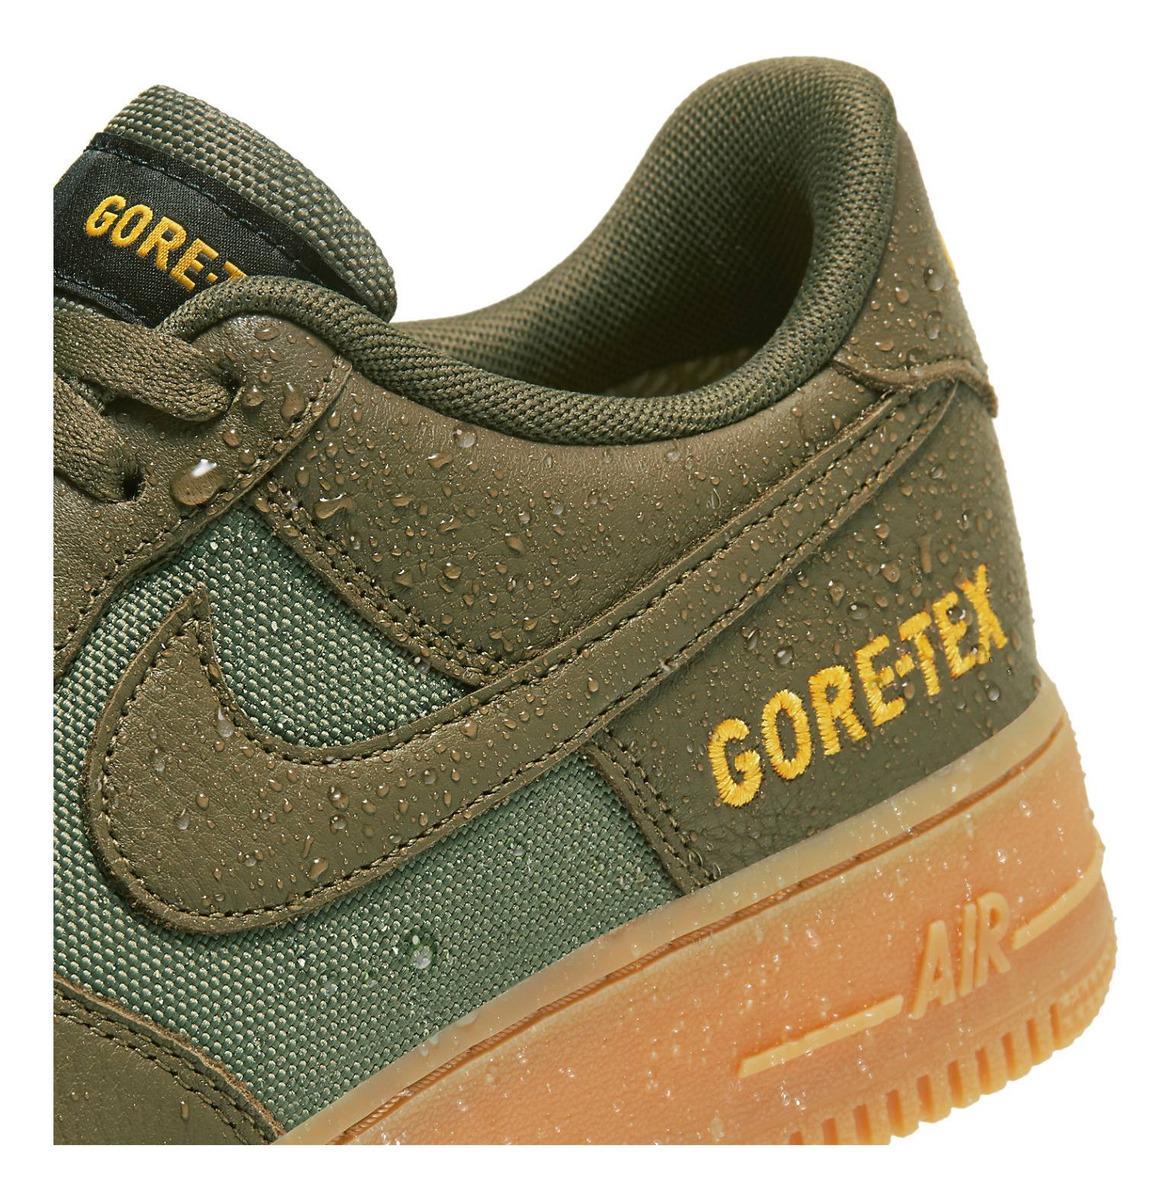 zapatillas nike mujer goretex